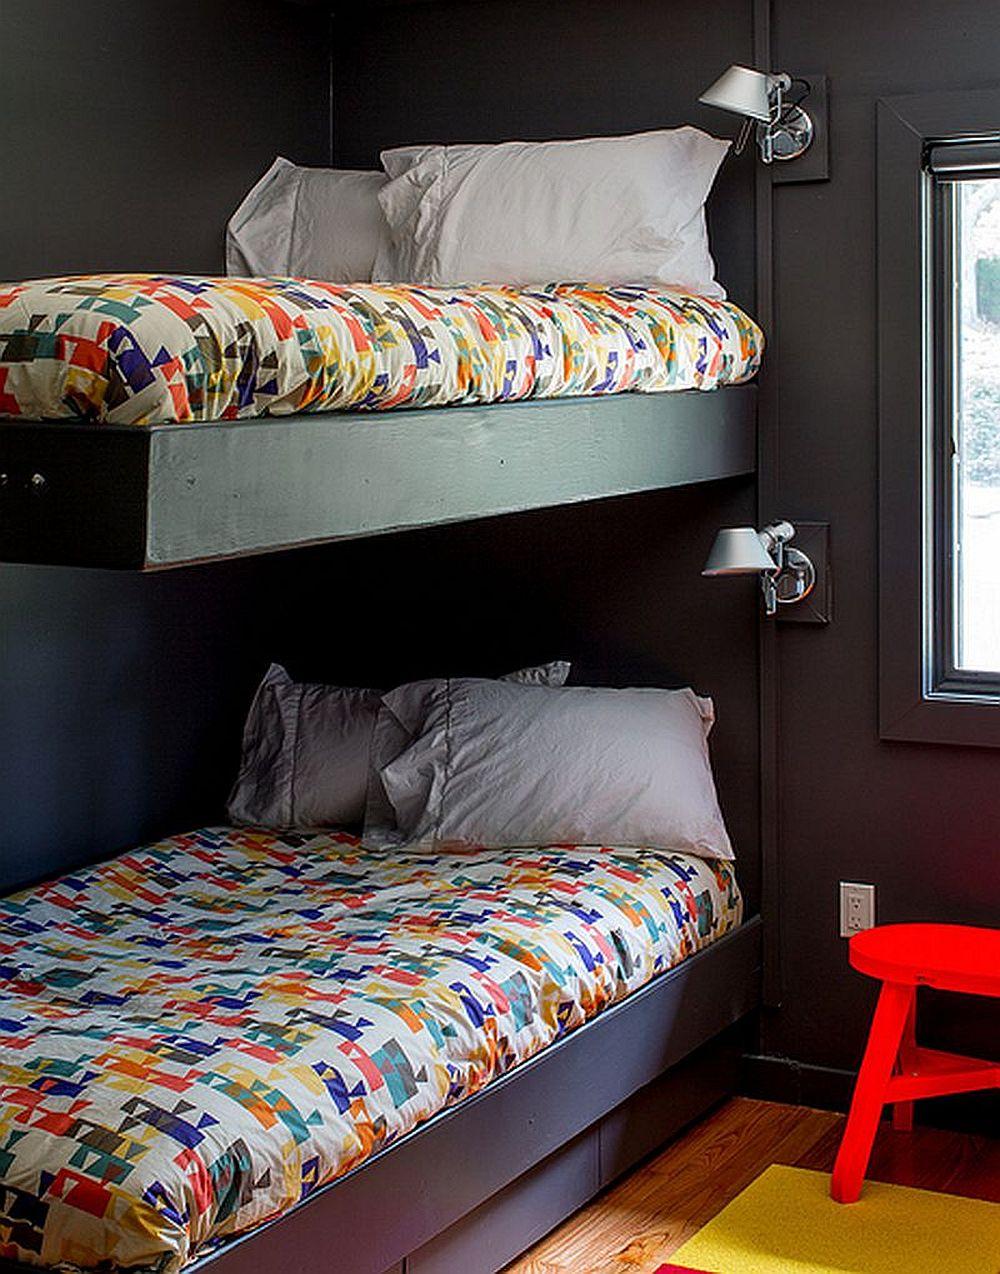 adelaparvu.com despre cabana cu interior colorat si piese de design, casa americana, designer Bradford Shellhammer, Foto Trevor Tondro (11)